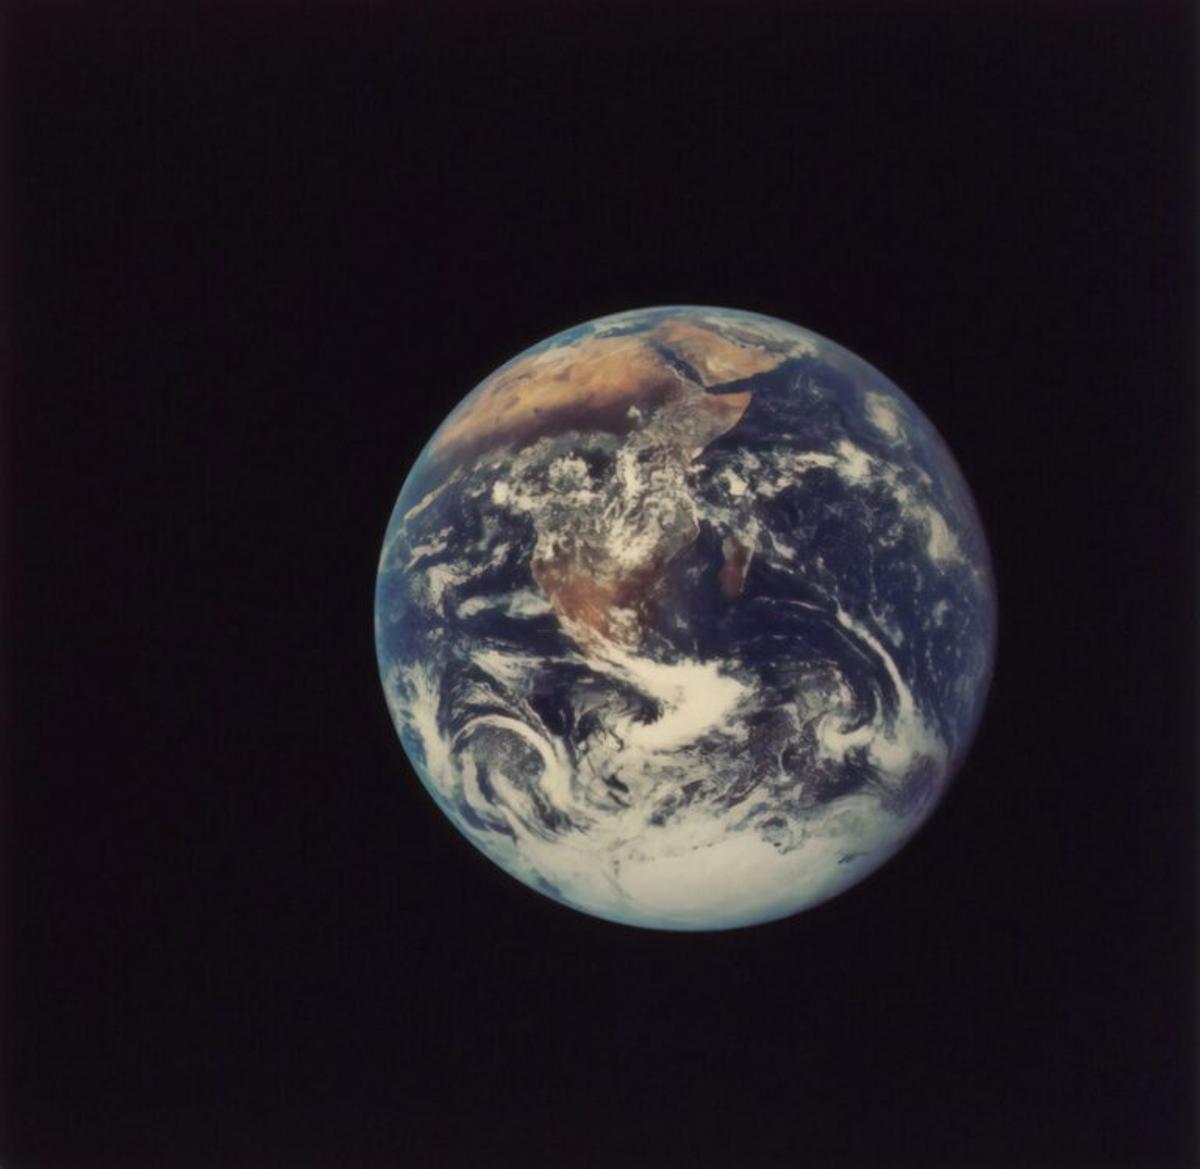 La Tierra bascula como una peonza